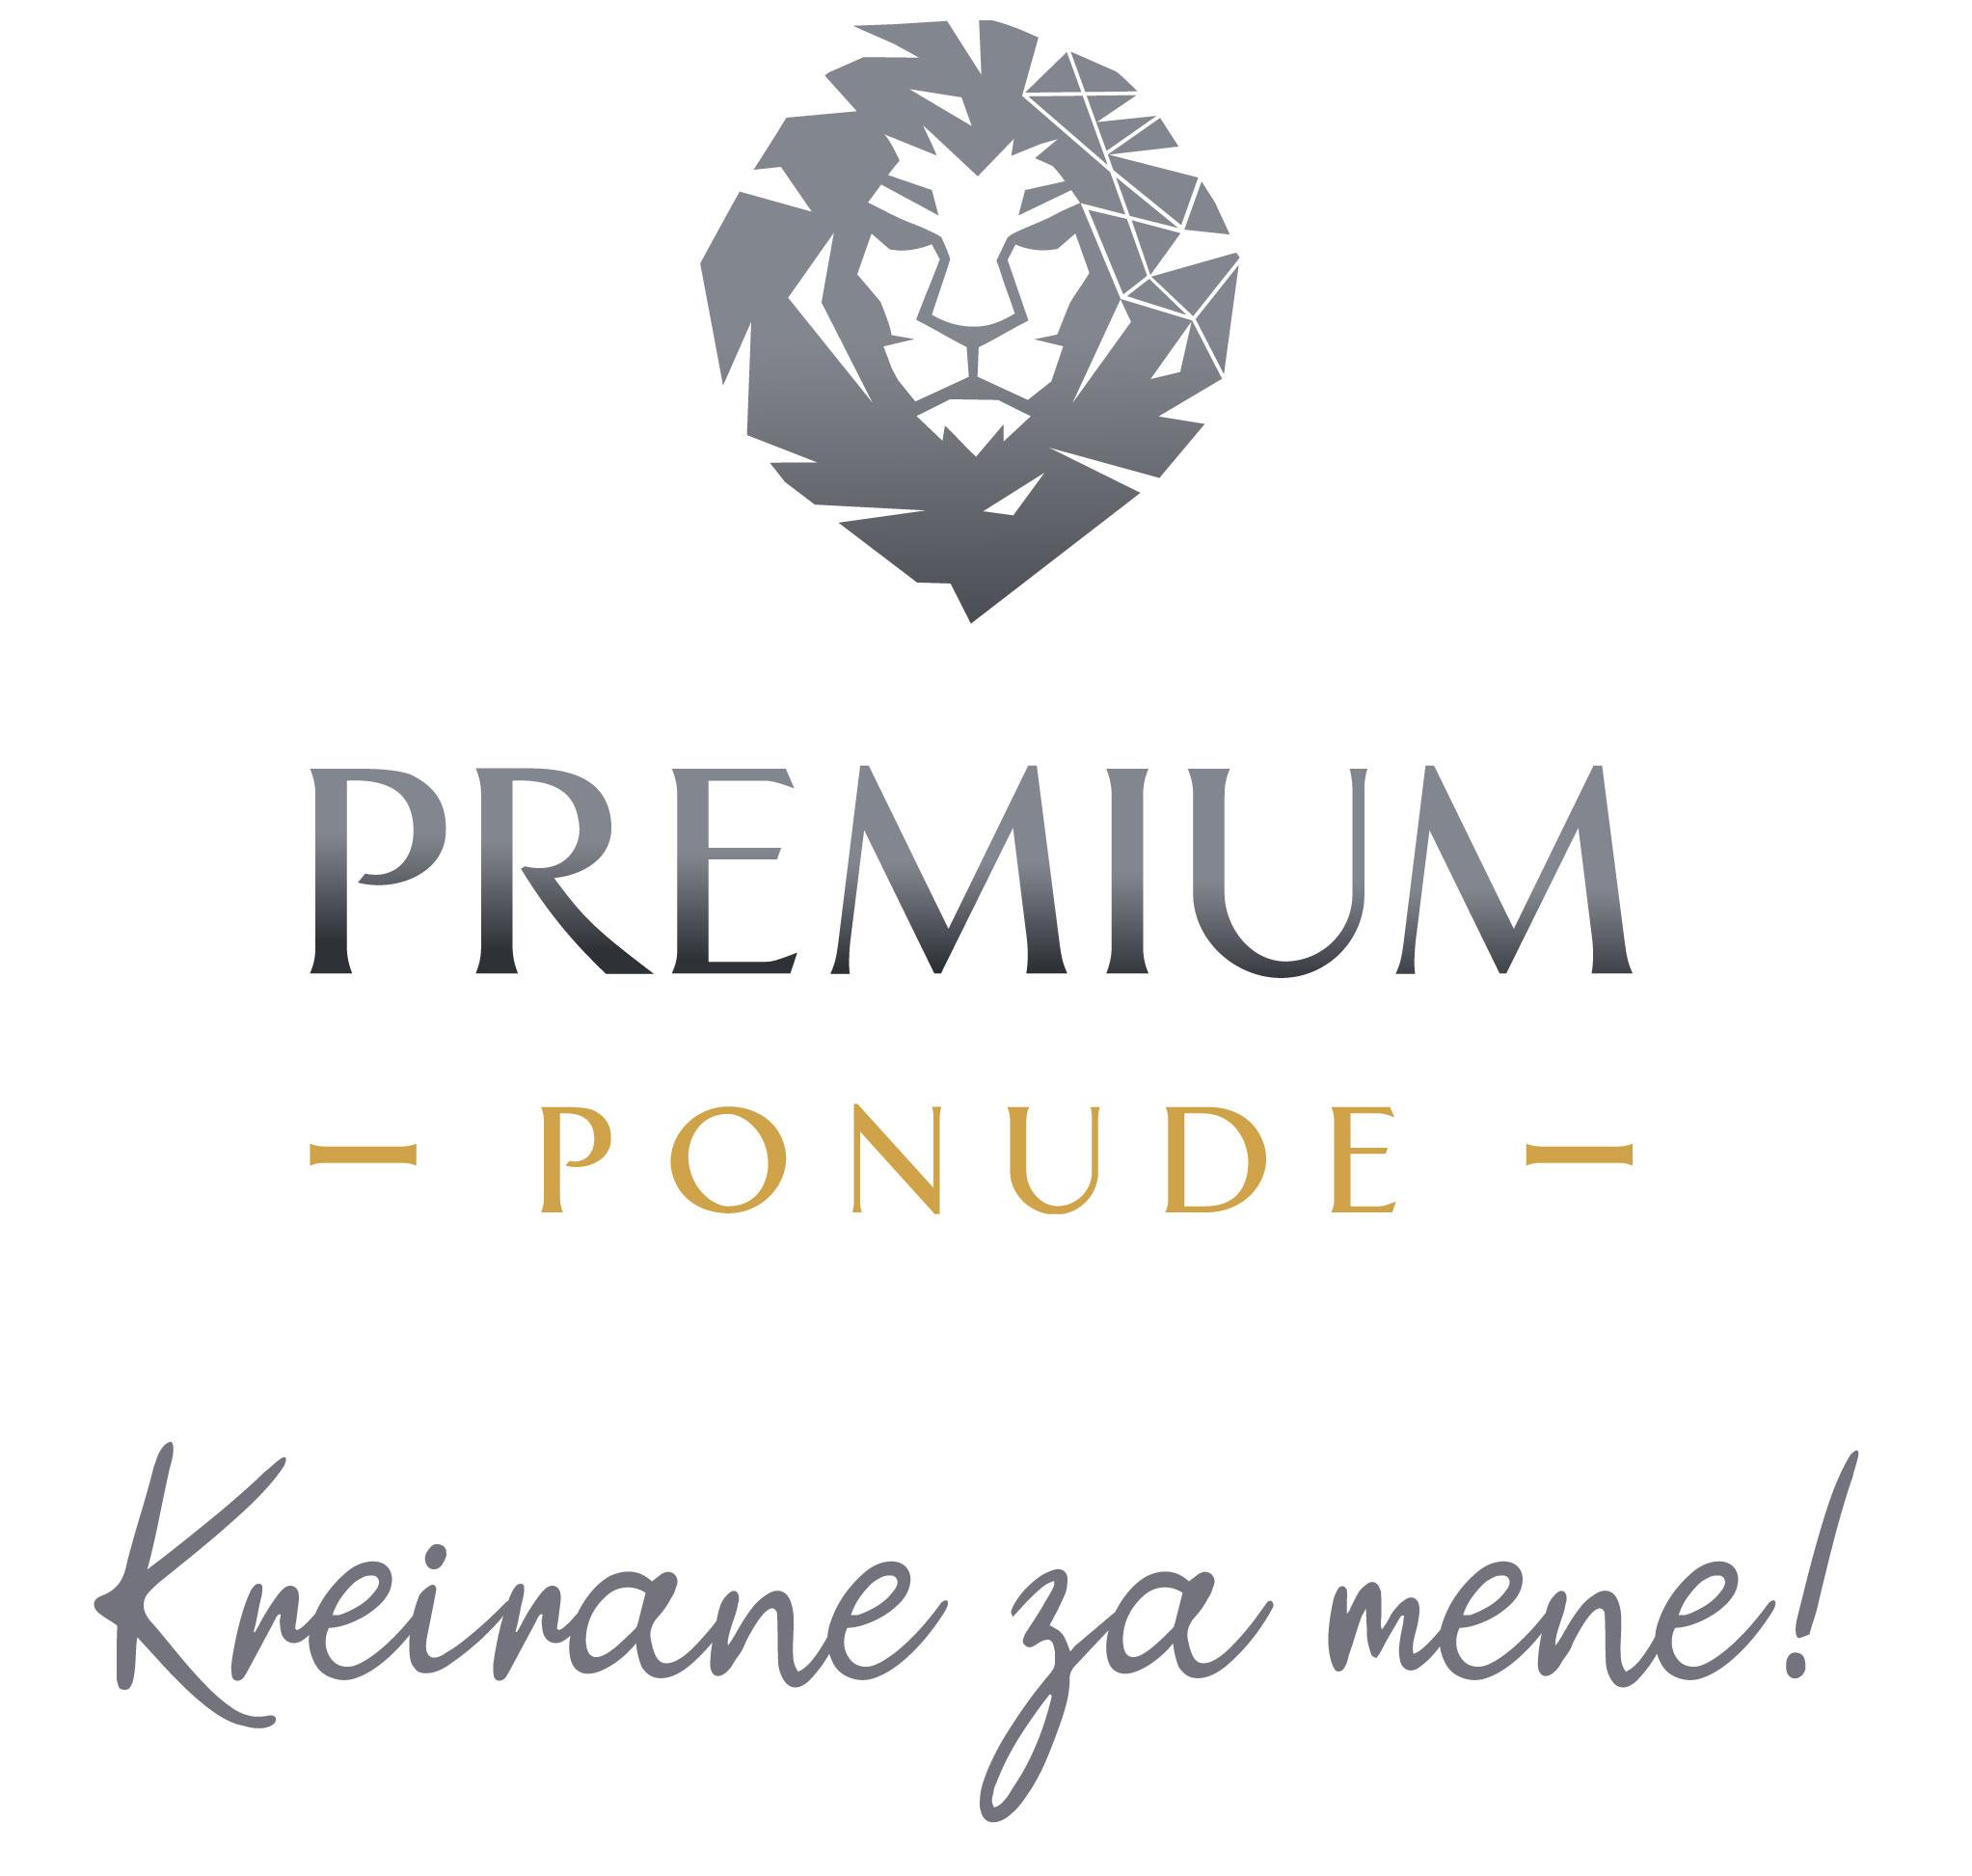 Premium ponude